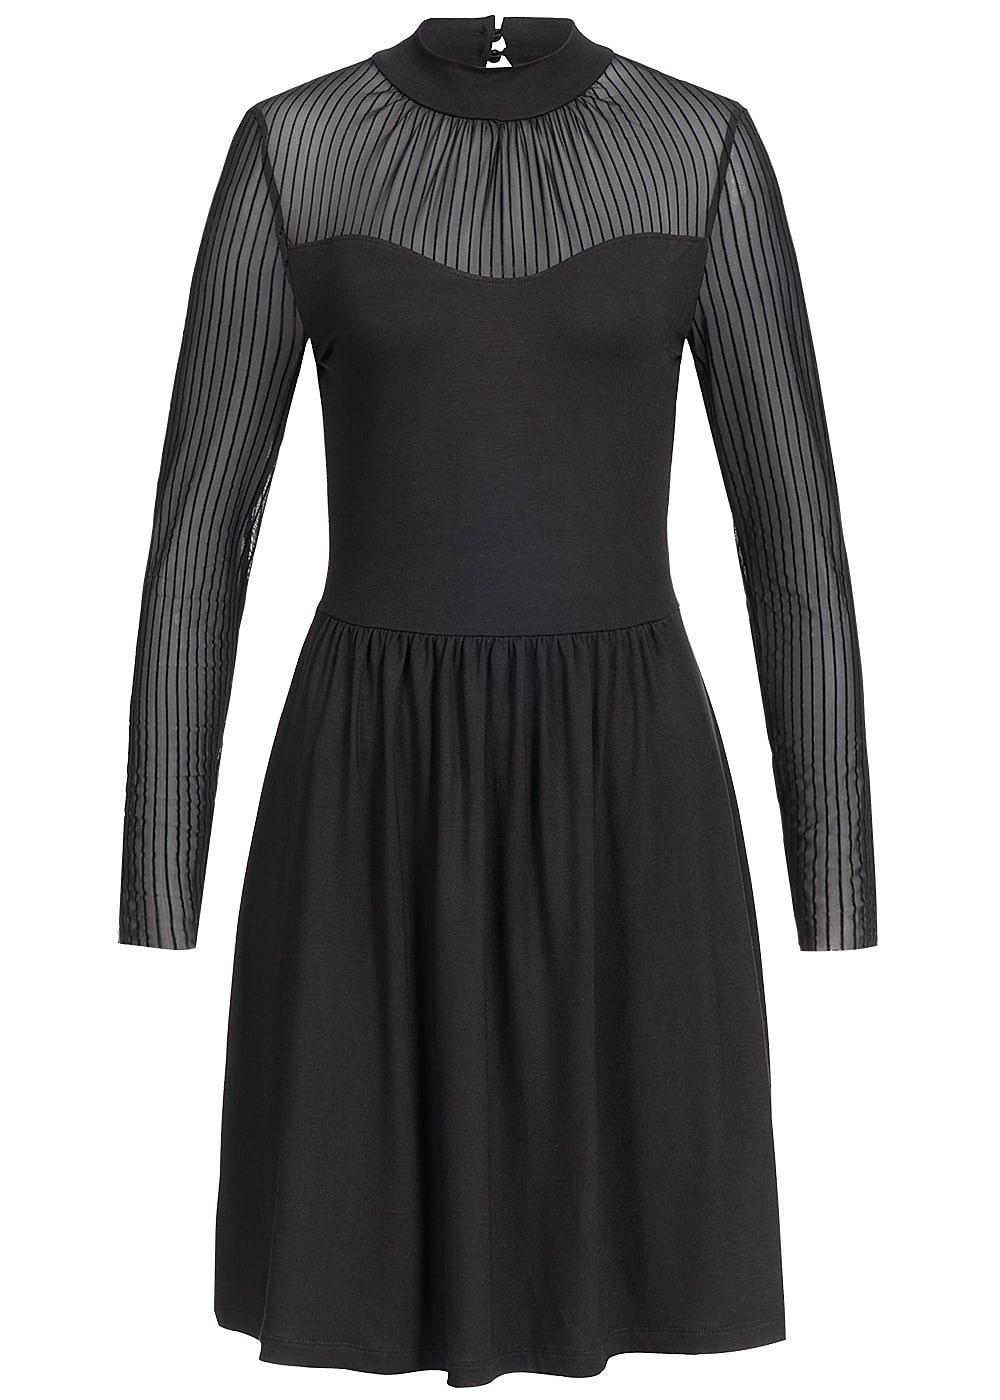 Einfach Langarm Kleid Schwarz DesignFormal Schön Langarm Kleid Schwarz Spezialgebiet